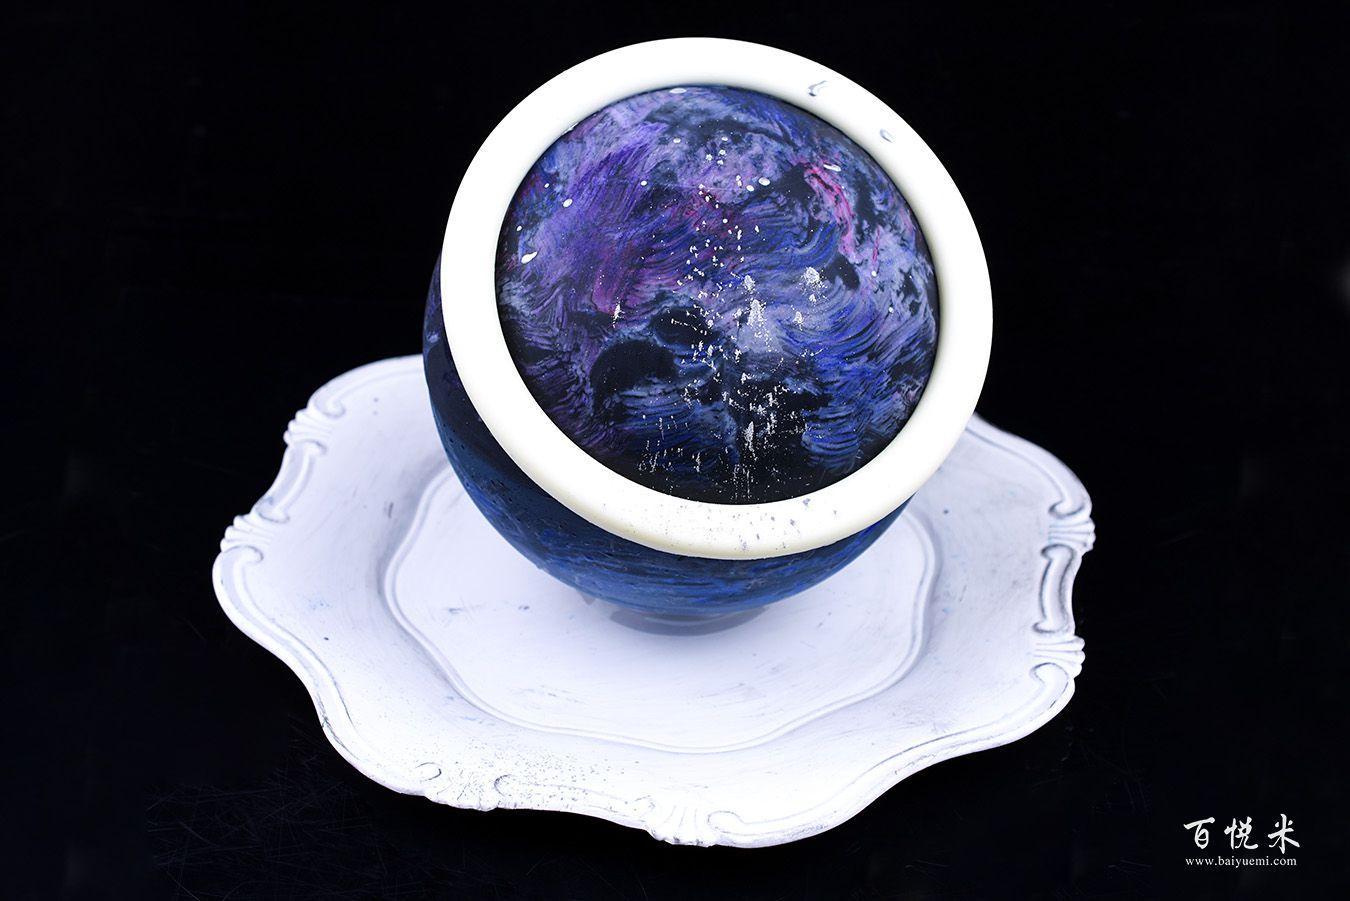 巧克力星球高清图片大全【蛋糕图片】_1221